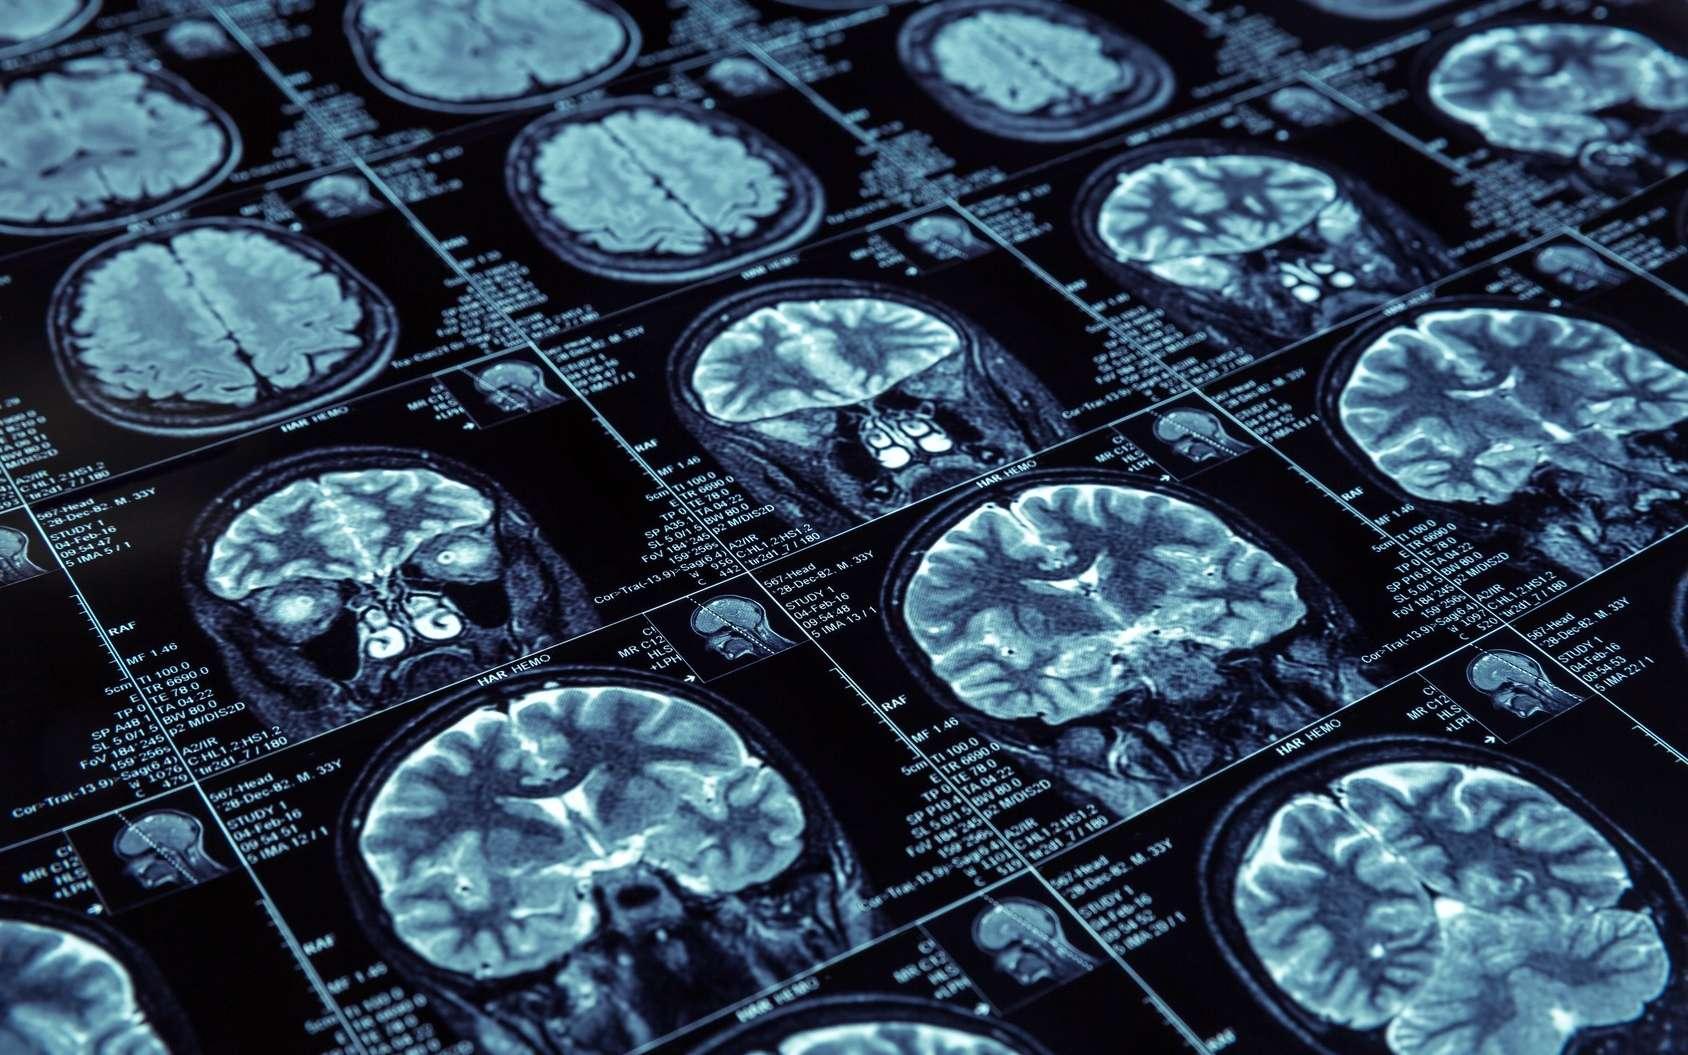 Dans le cerveau des malades d'Alzheimer, des plaques protéiques s'accumulent entre et dans les cellules. Une nouvelle étude propose un vaccin pour les détruire. © Nomad_Soul, Fotolia